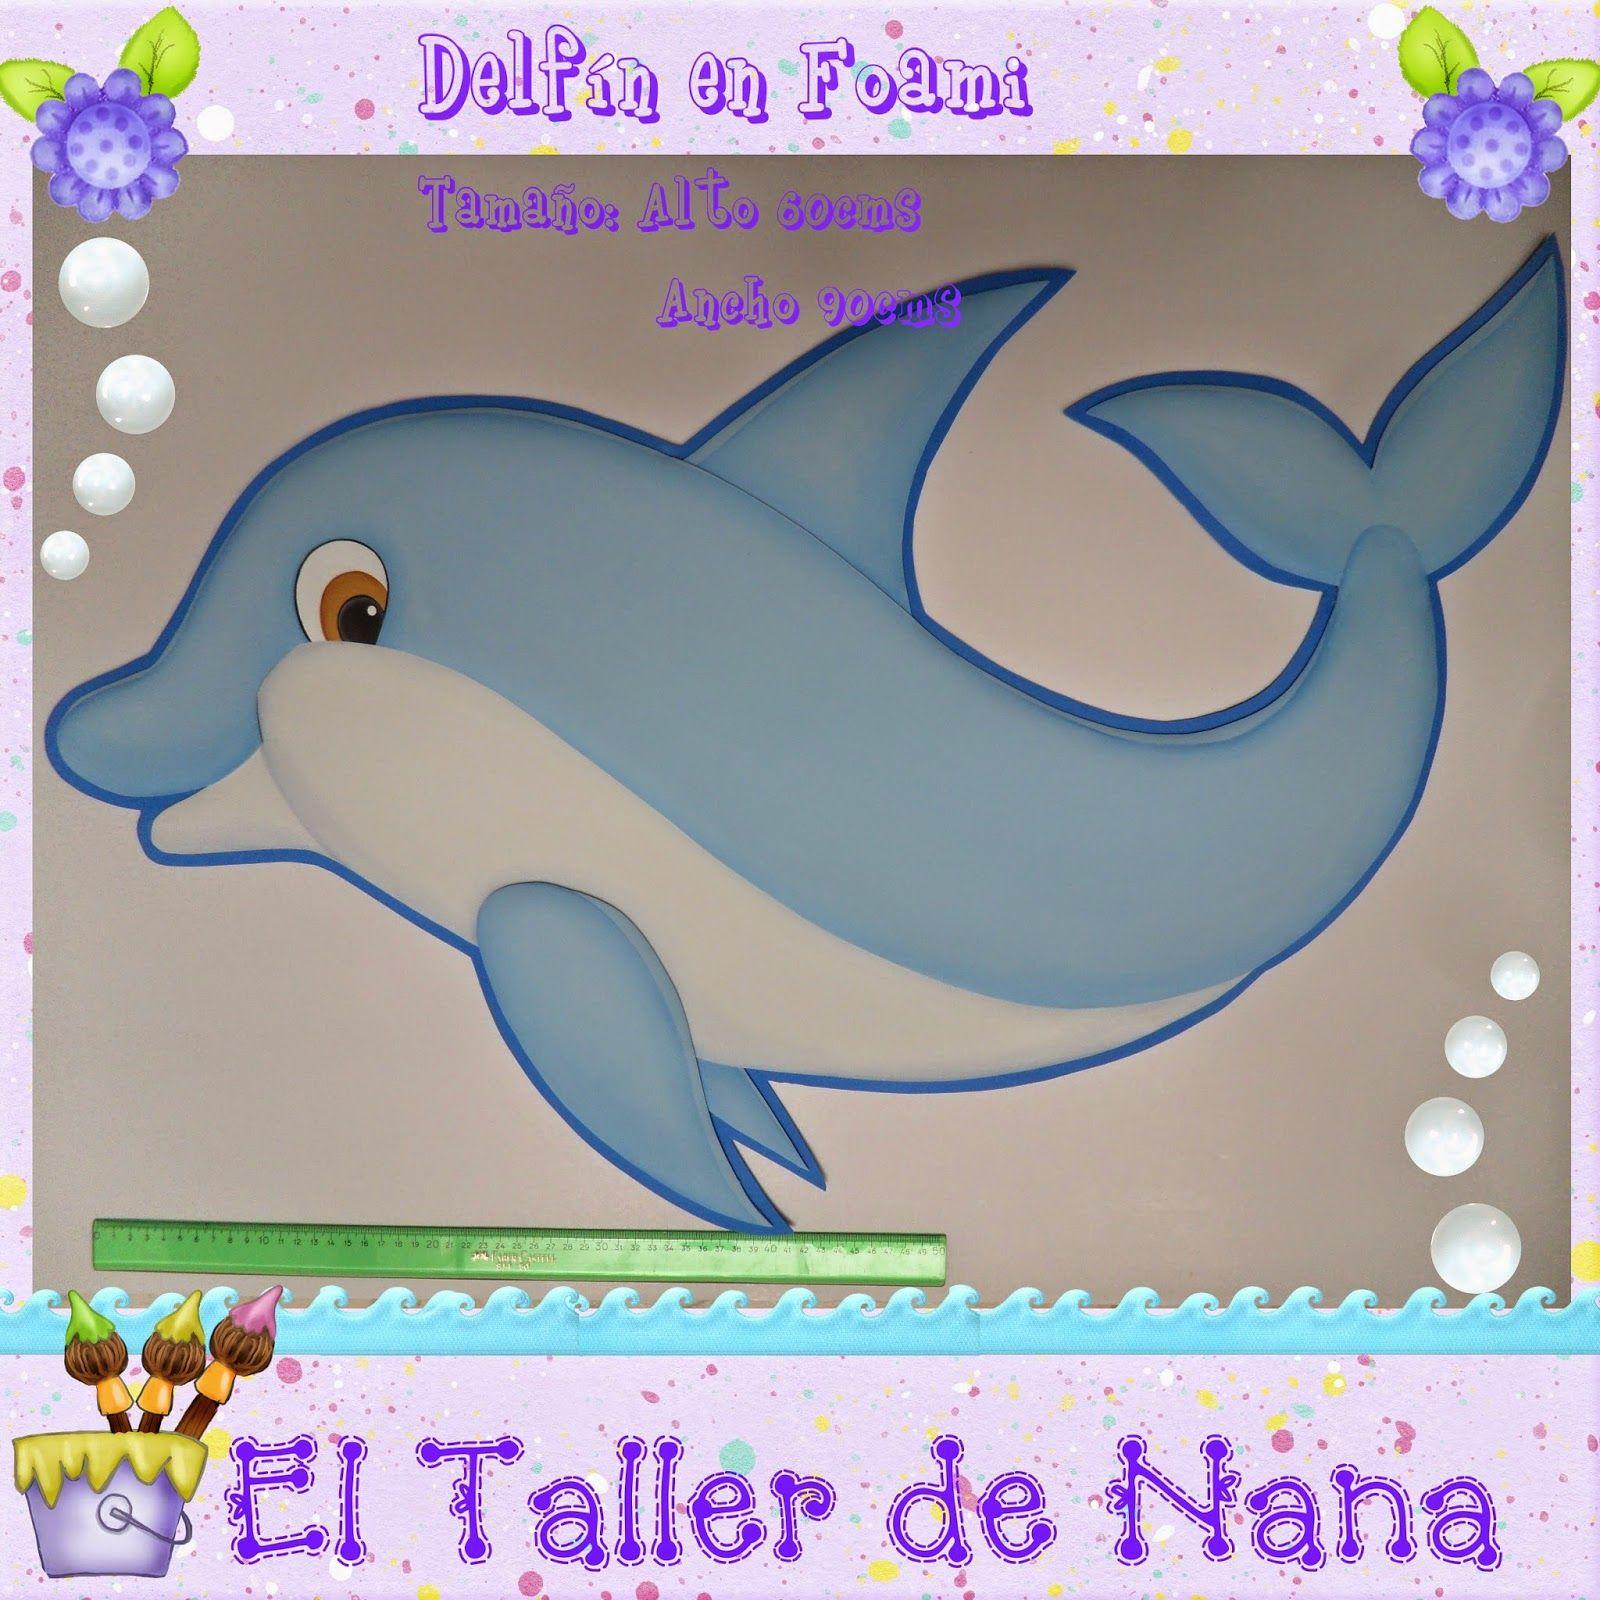 Aplique Delfín de 60cms de Alto X 90cms de Ancho, elaborado en foami ...